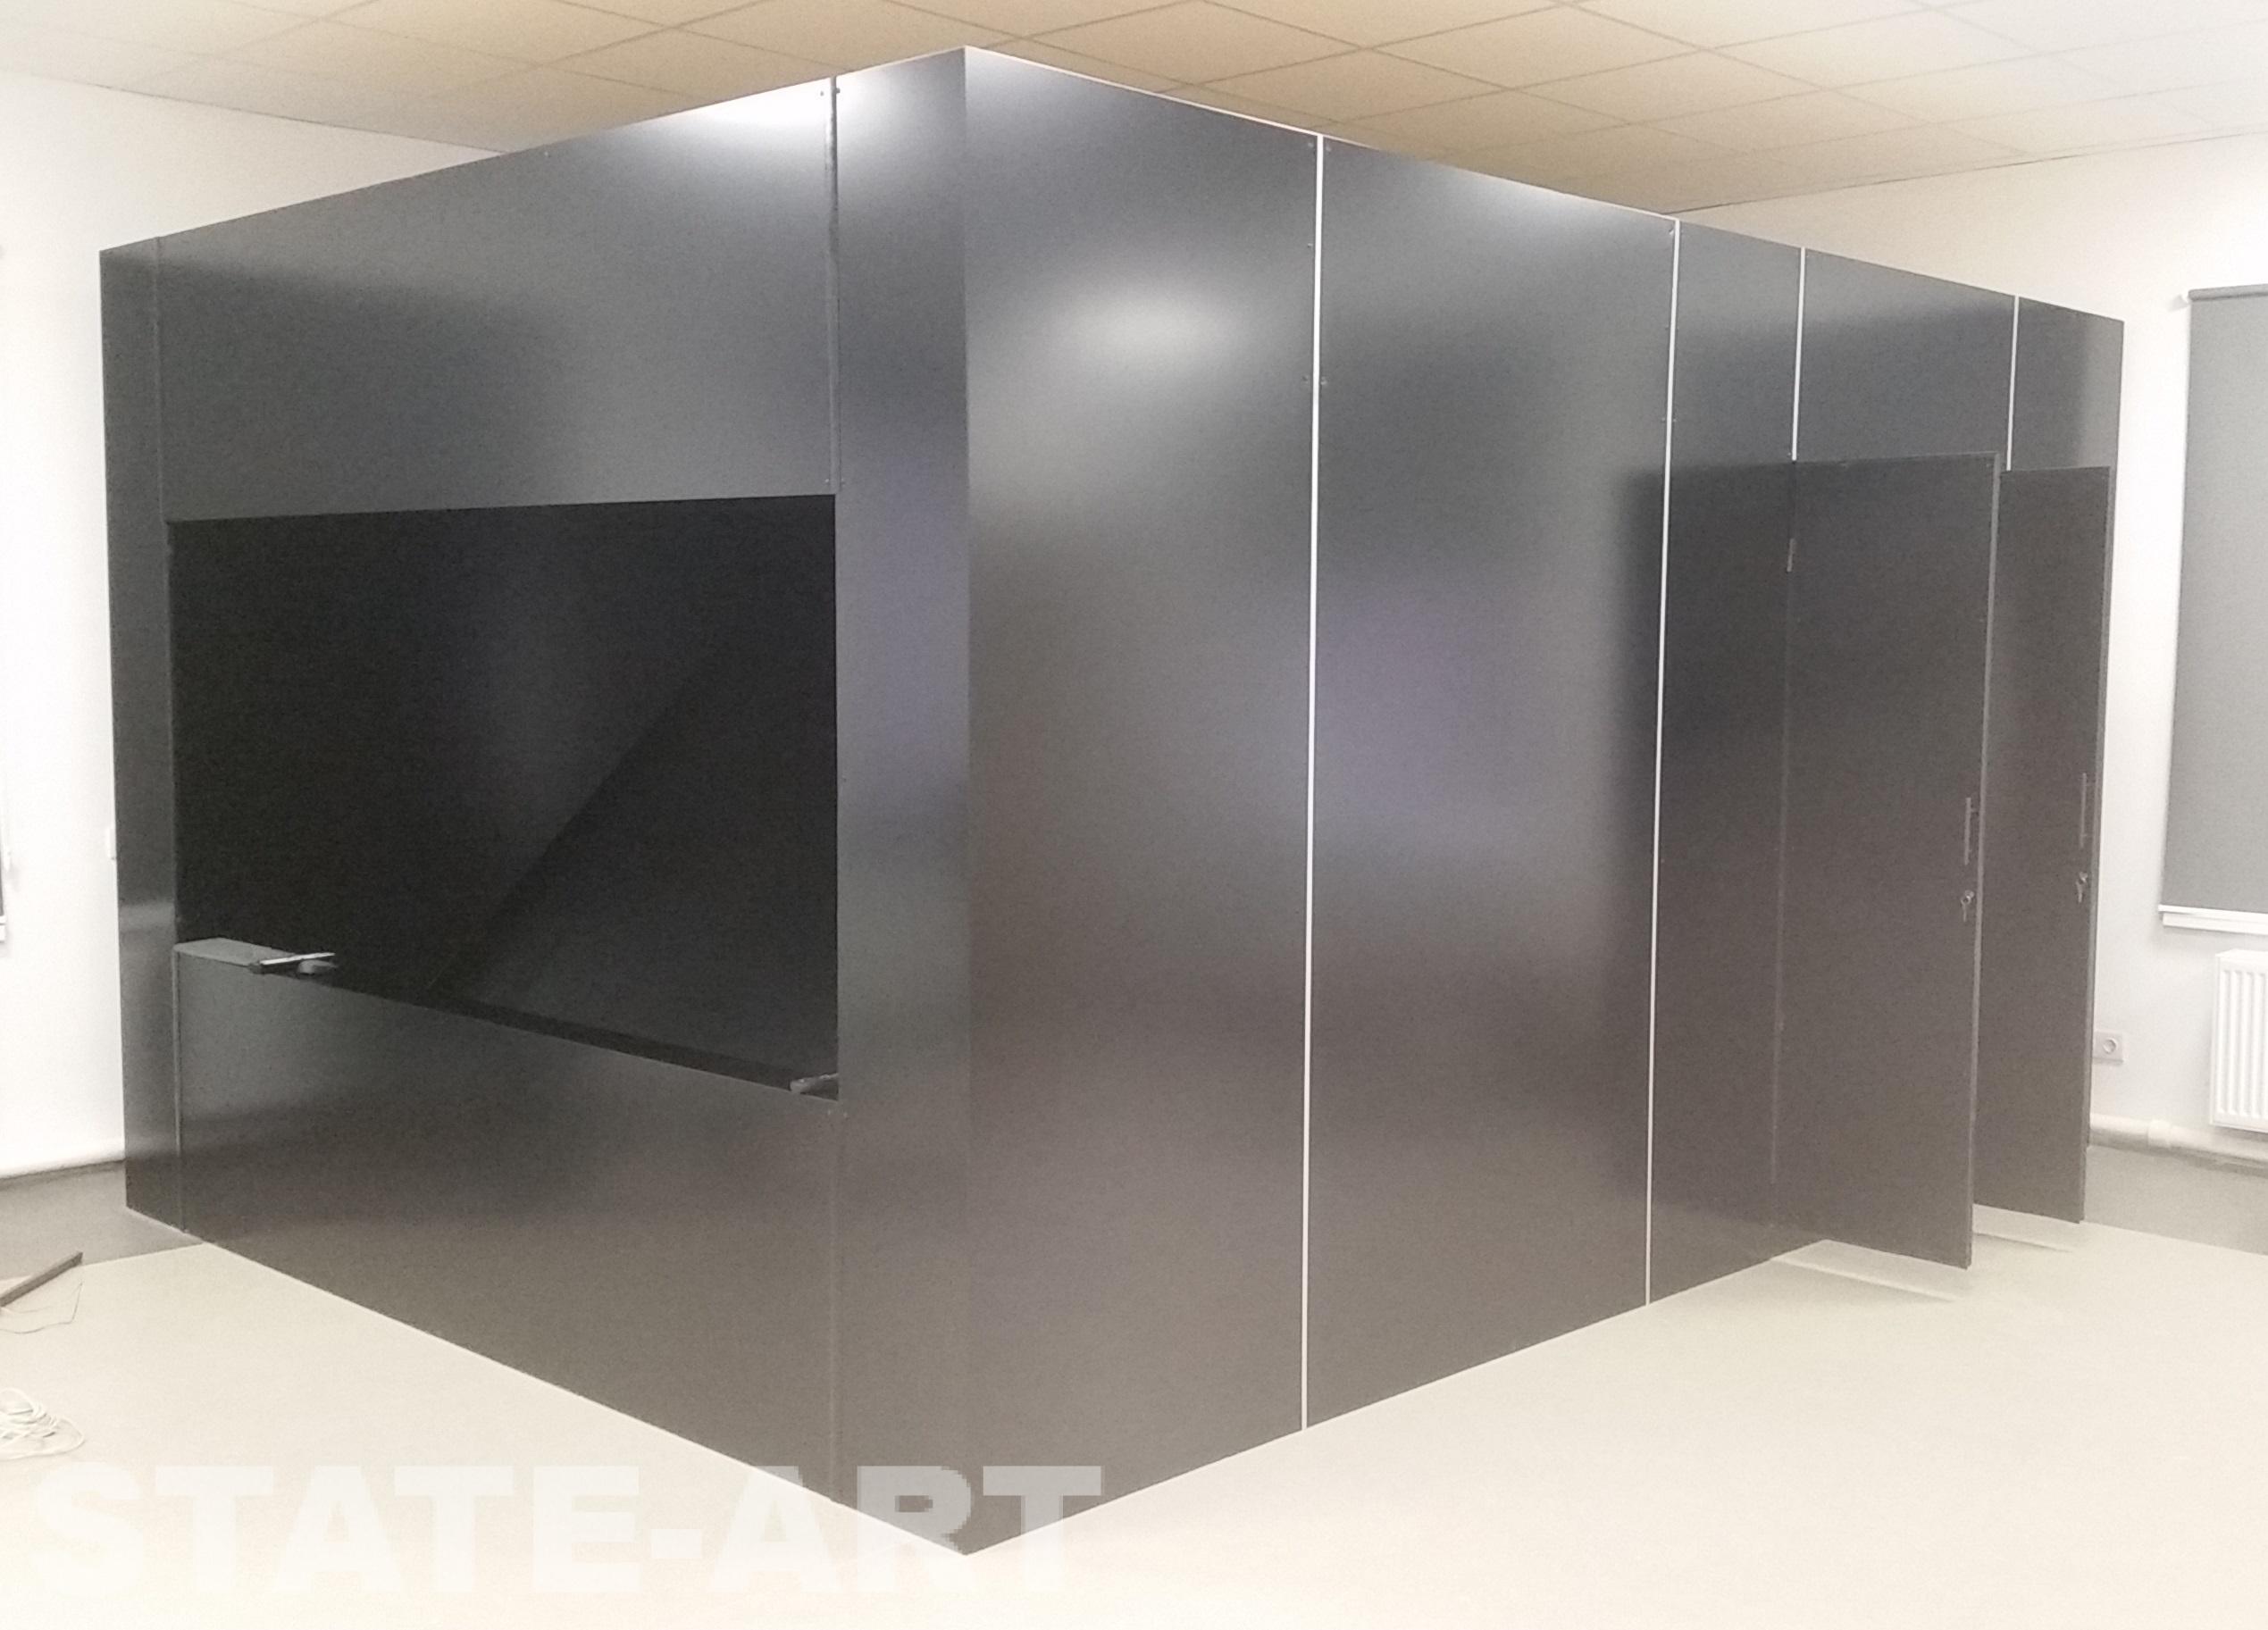 фотография павильона Musion с открытыми дверями